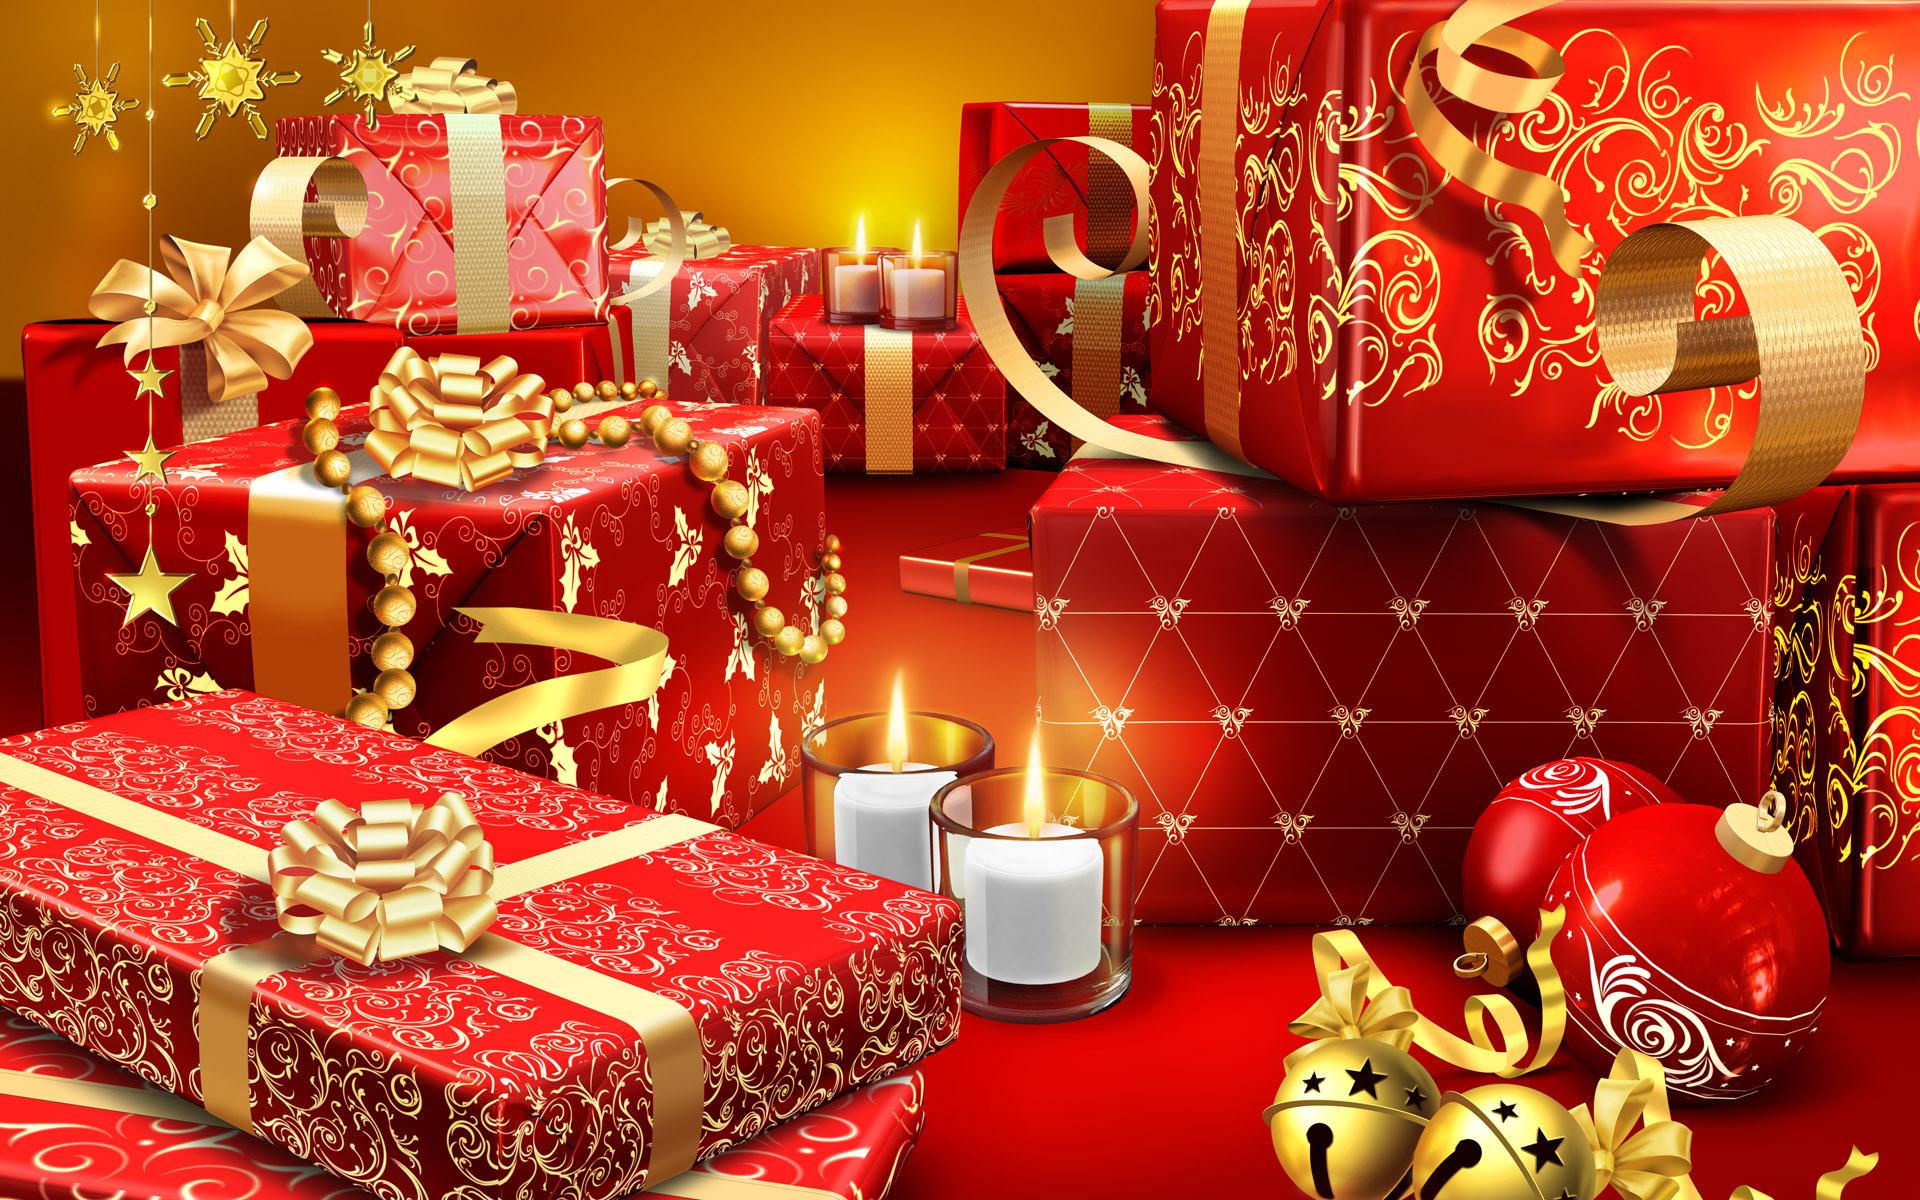 Χριστουγεννιάτικα Δώρα Άγιος Βασίλης Έρχεται από το Φαρμακείο…